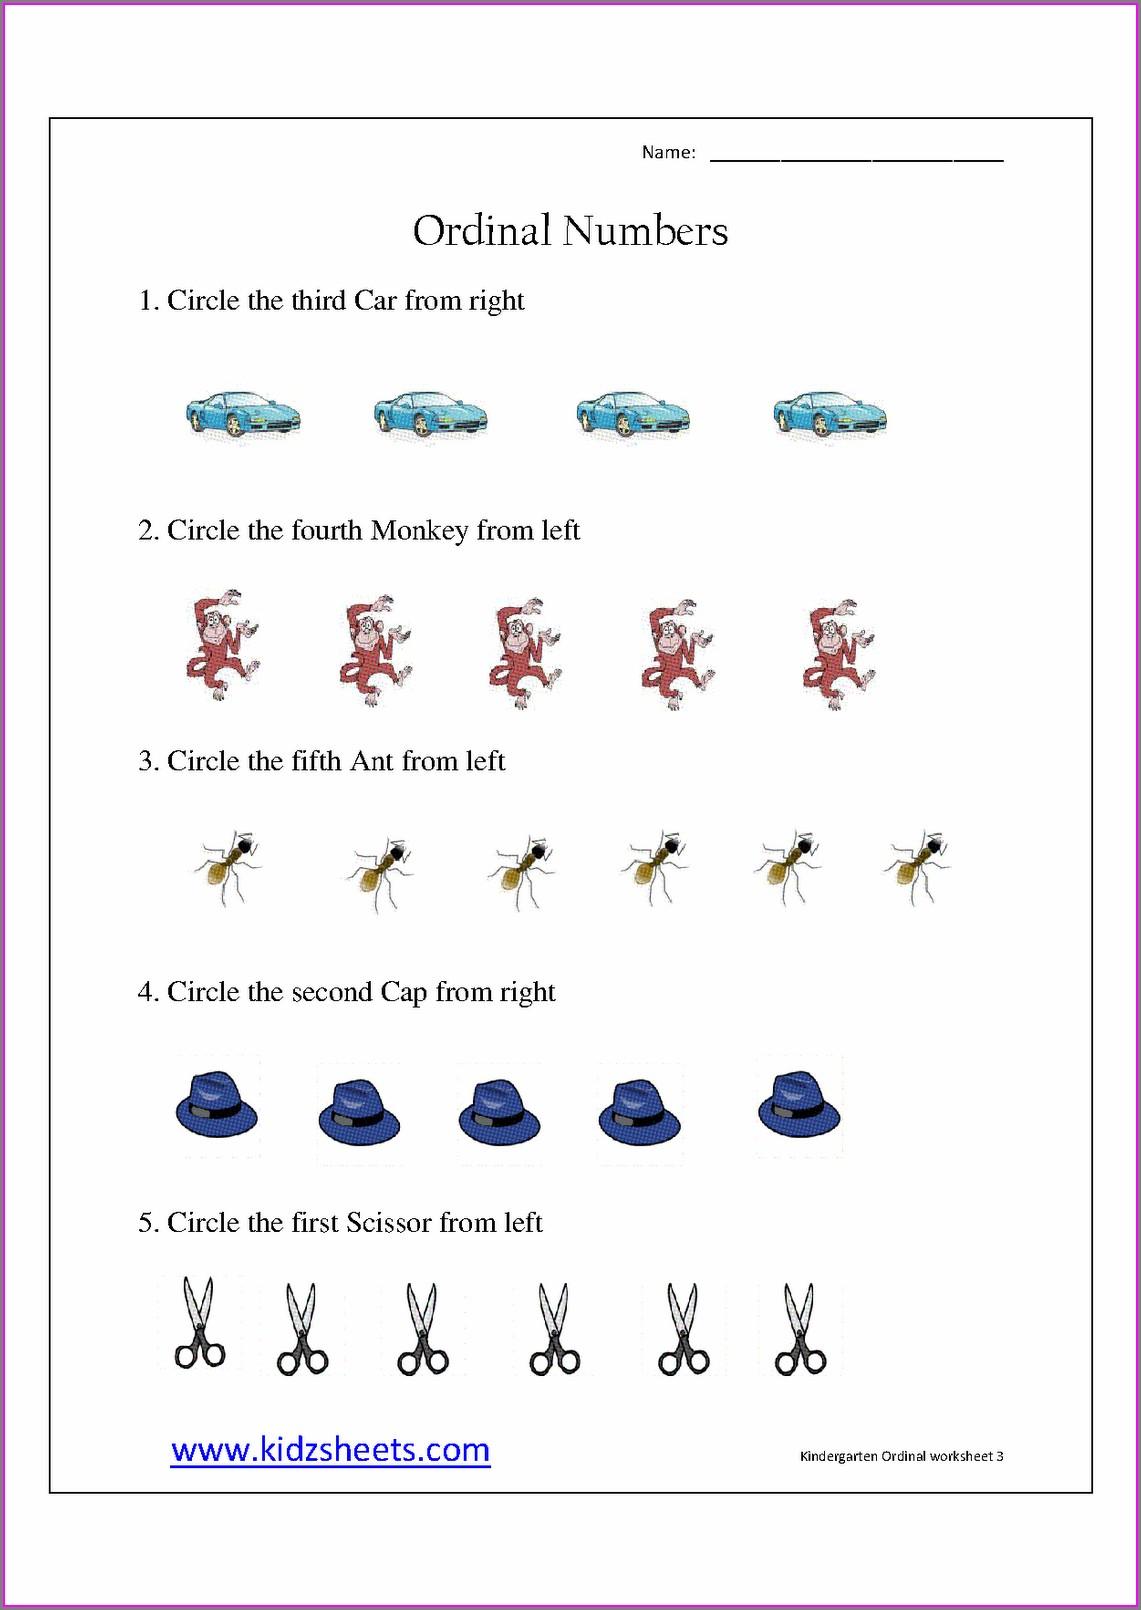 Ordinal Numbers Worksheet Ukg